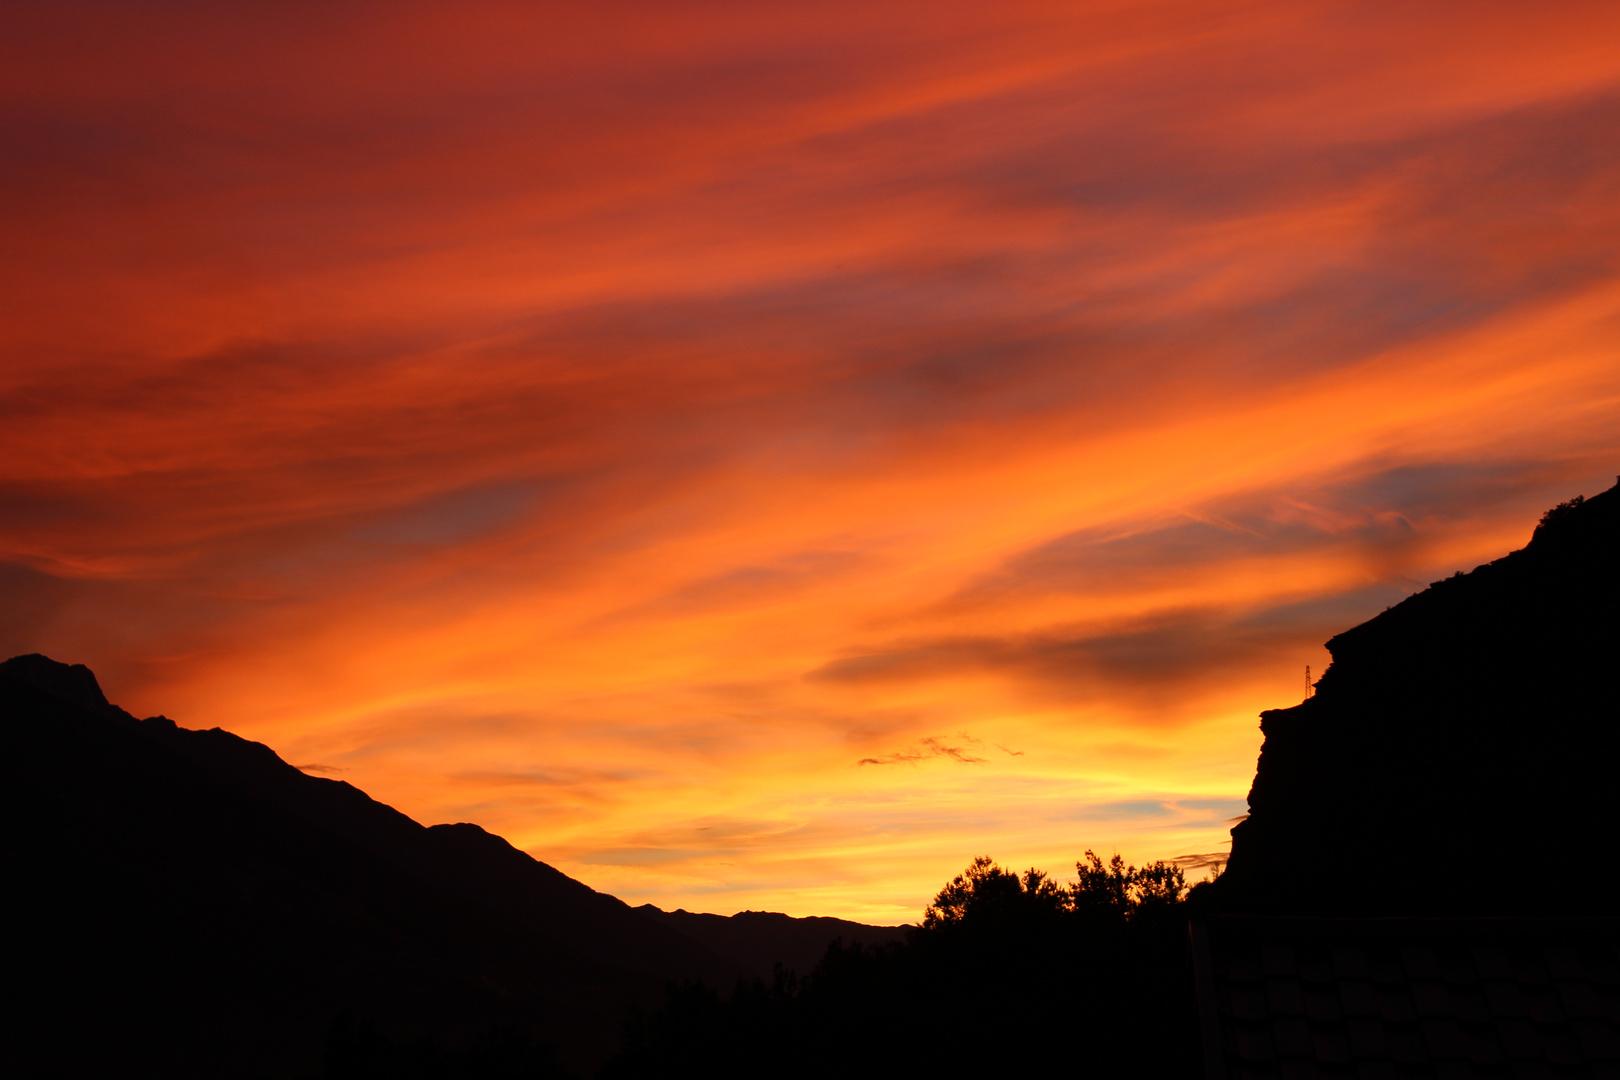 beautiful sunset (: